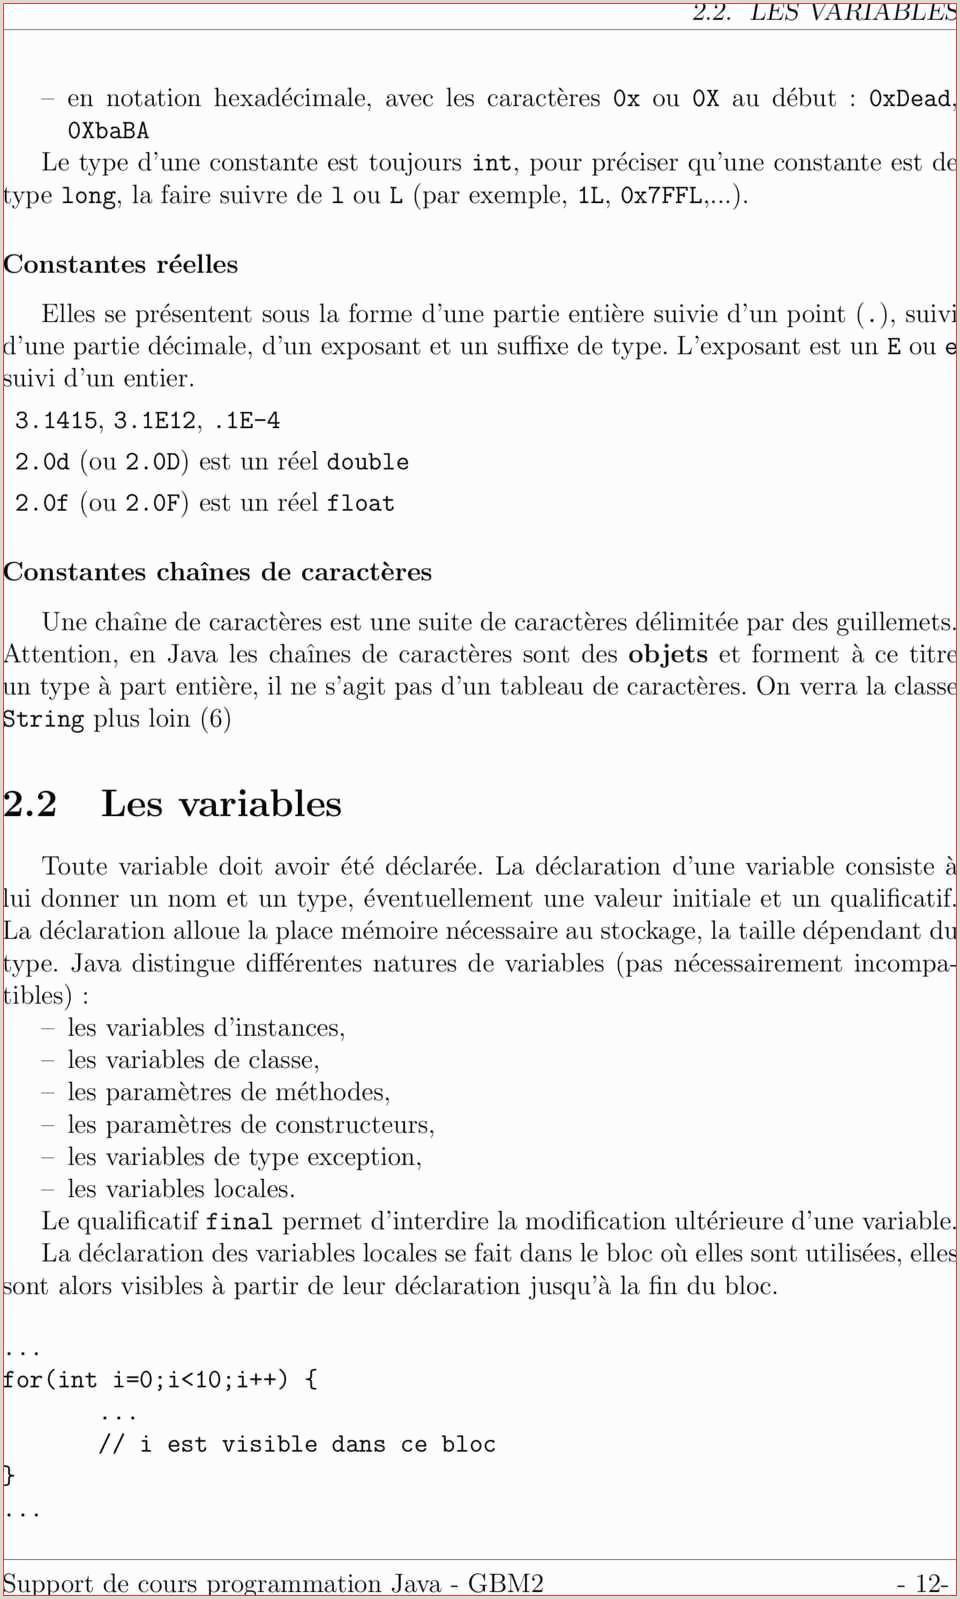 Exemple De Cv Coiffure Exemple Lettre De Motivation Apprentissage Bm Coiffure